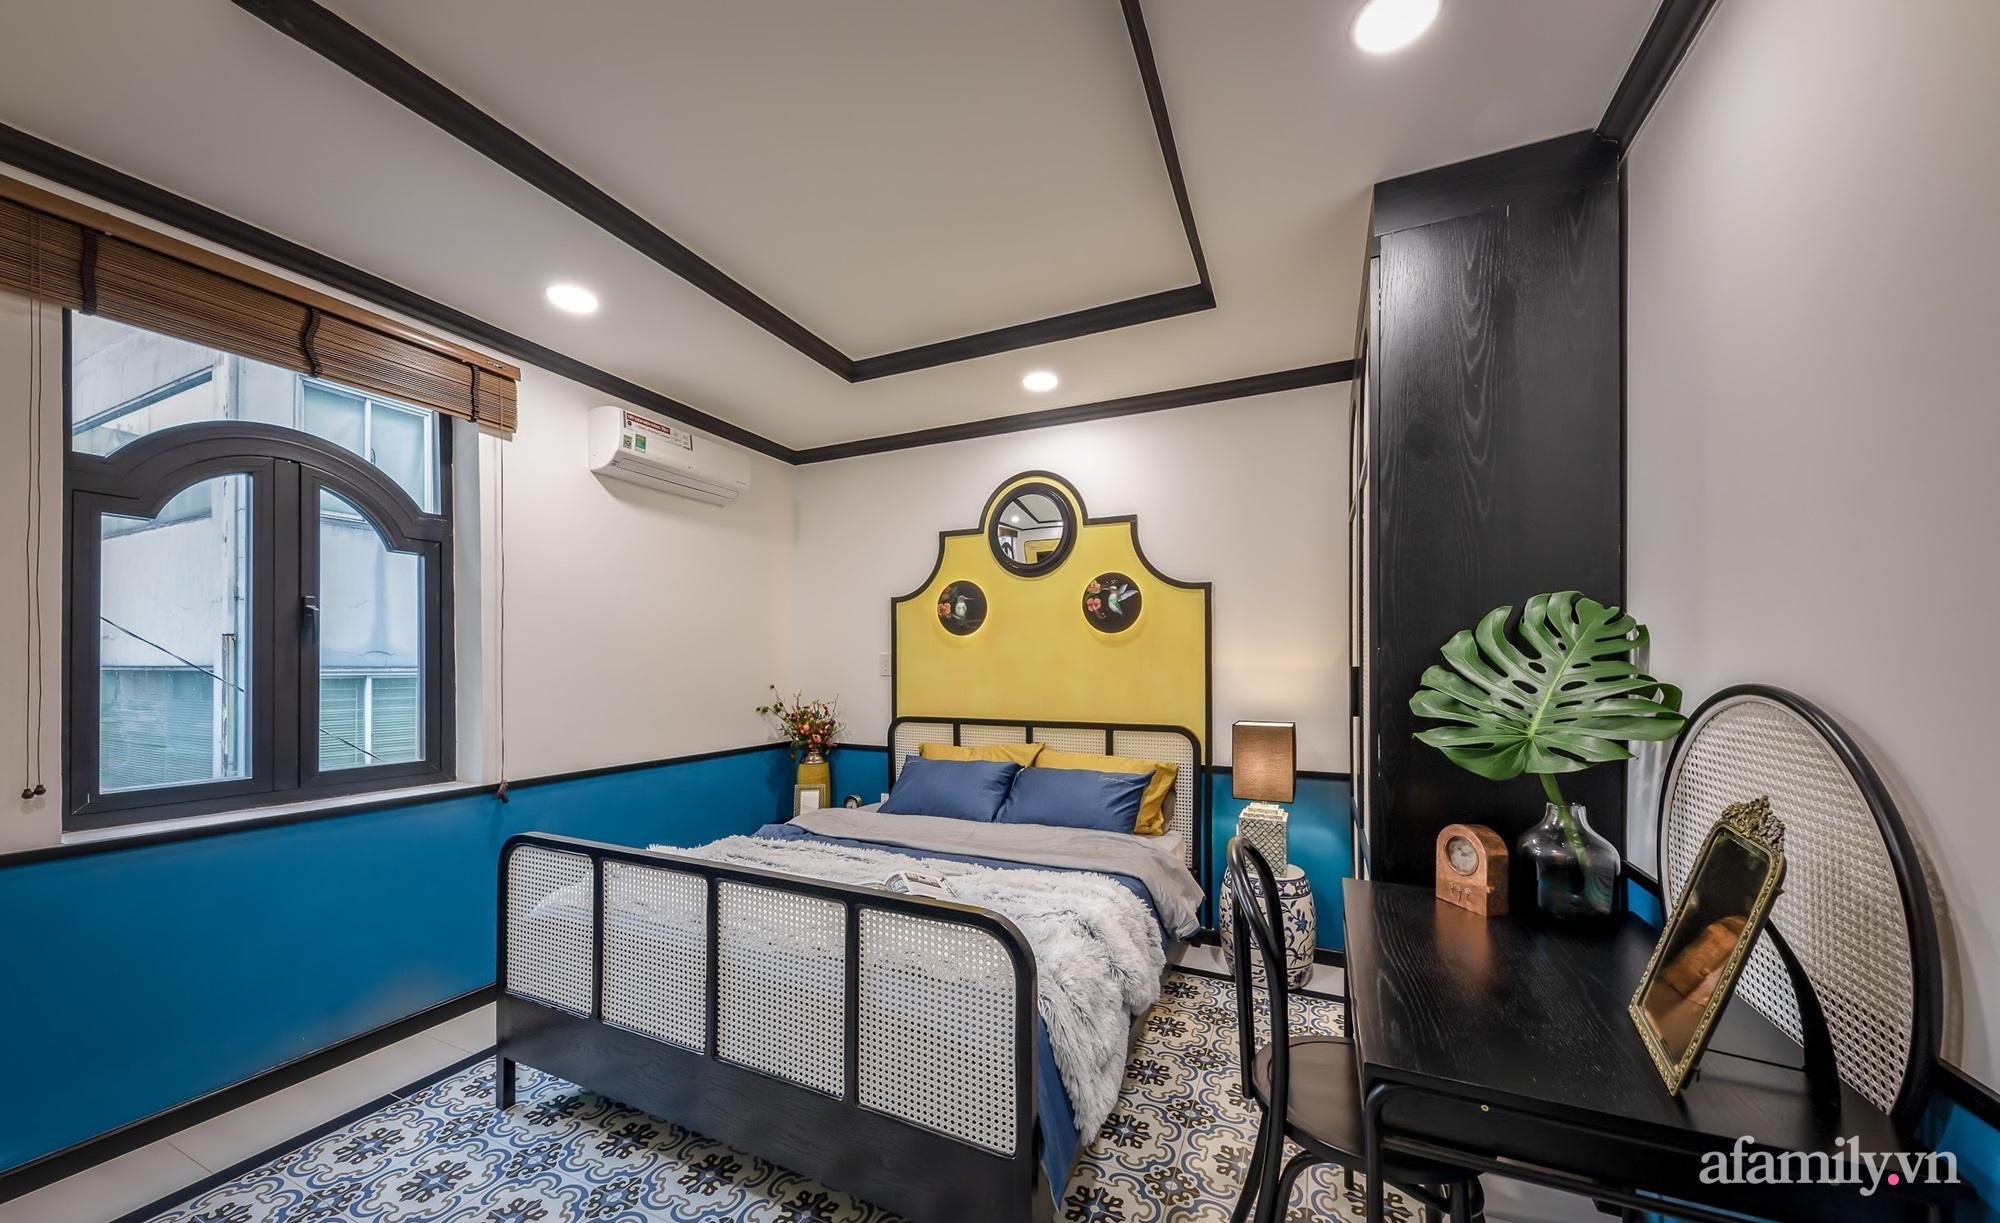 Cải tạo căn hộ tập thể 85m² thành không gian phảng phất vẻ đẹp Đông Dương với chi phí 700 triệu đồng ở Sài Gòn - Ảnh 14.